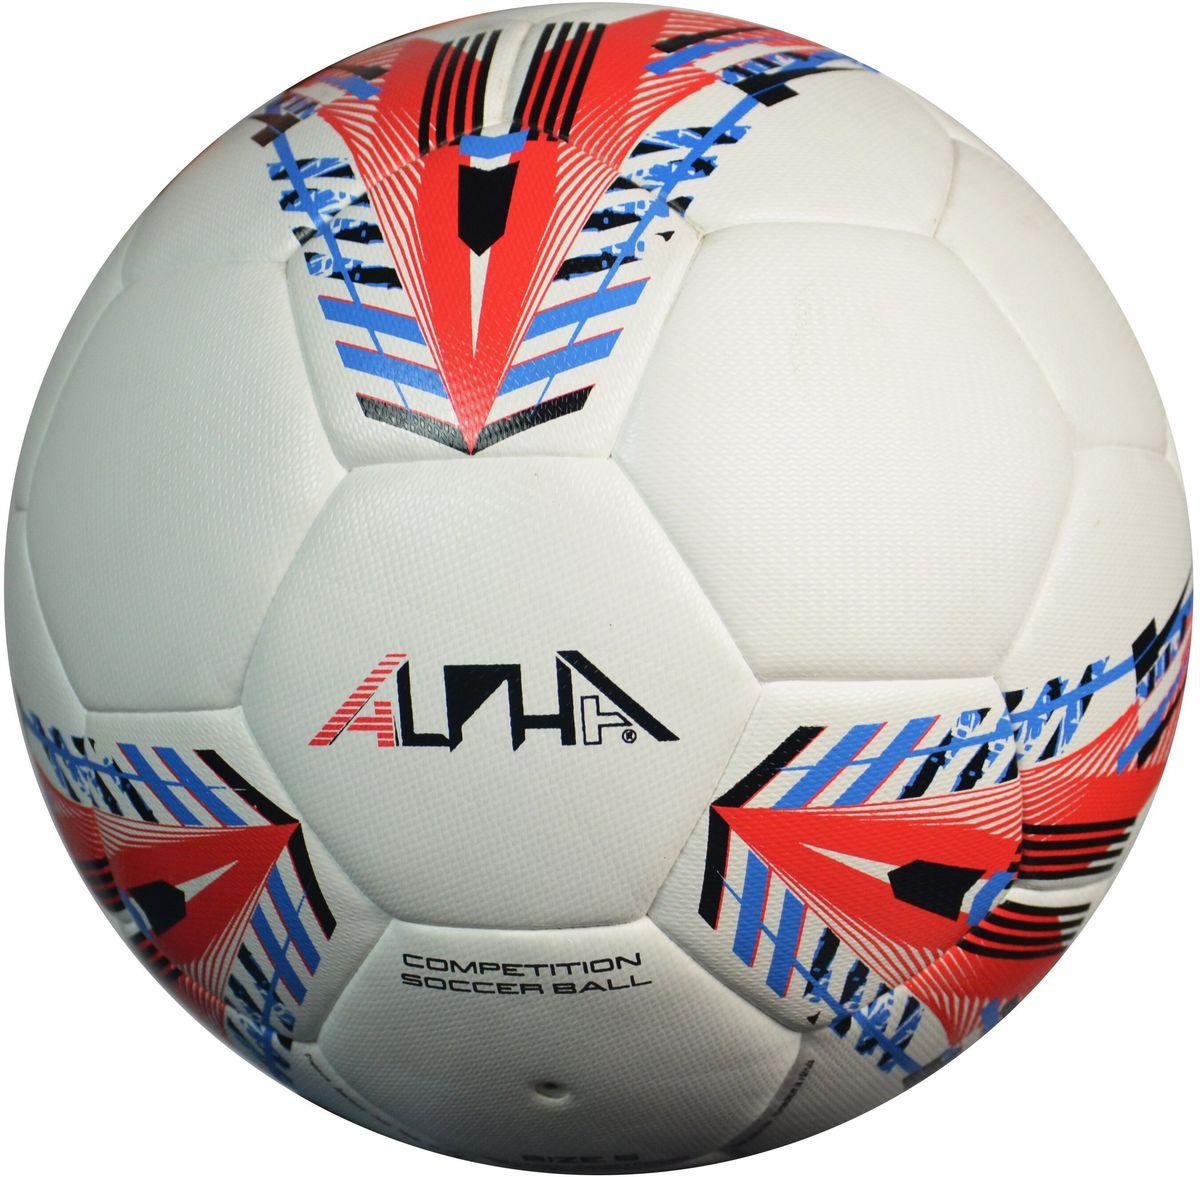 Мяч футбольный AlphaKepeers ProGame, цвет: белый, красный. Размер 5. 83017 С583017 С5Футбольный мяч AlphaKeepers произведен по технологии DuoTech (технология высокотемпературного спаивания панелей), обладает долговечностью и нулевой гигроскопичностью. Технические характеристики:Размер: 5.Вес: 370-380 г. Диаметр: 635-660 мм. Рекомендуемое давление: 0.6-0.8 бар.